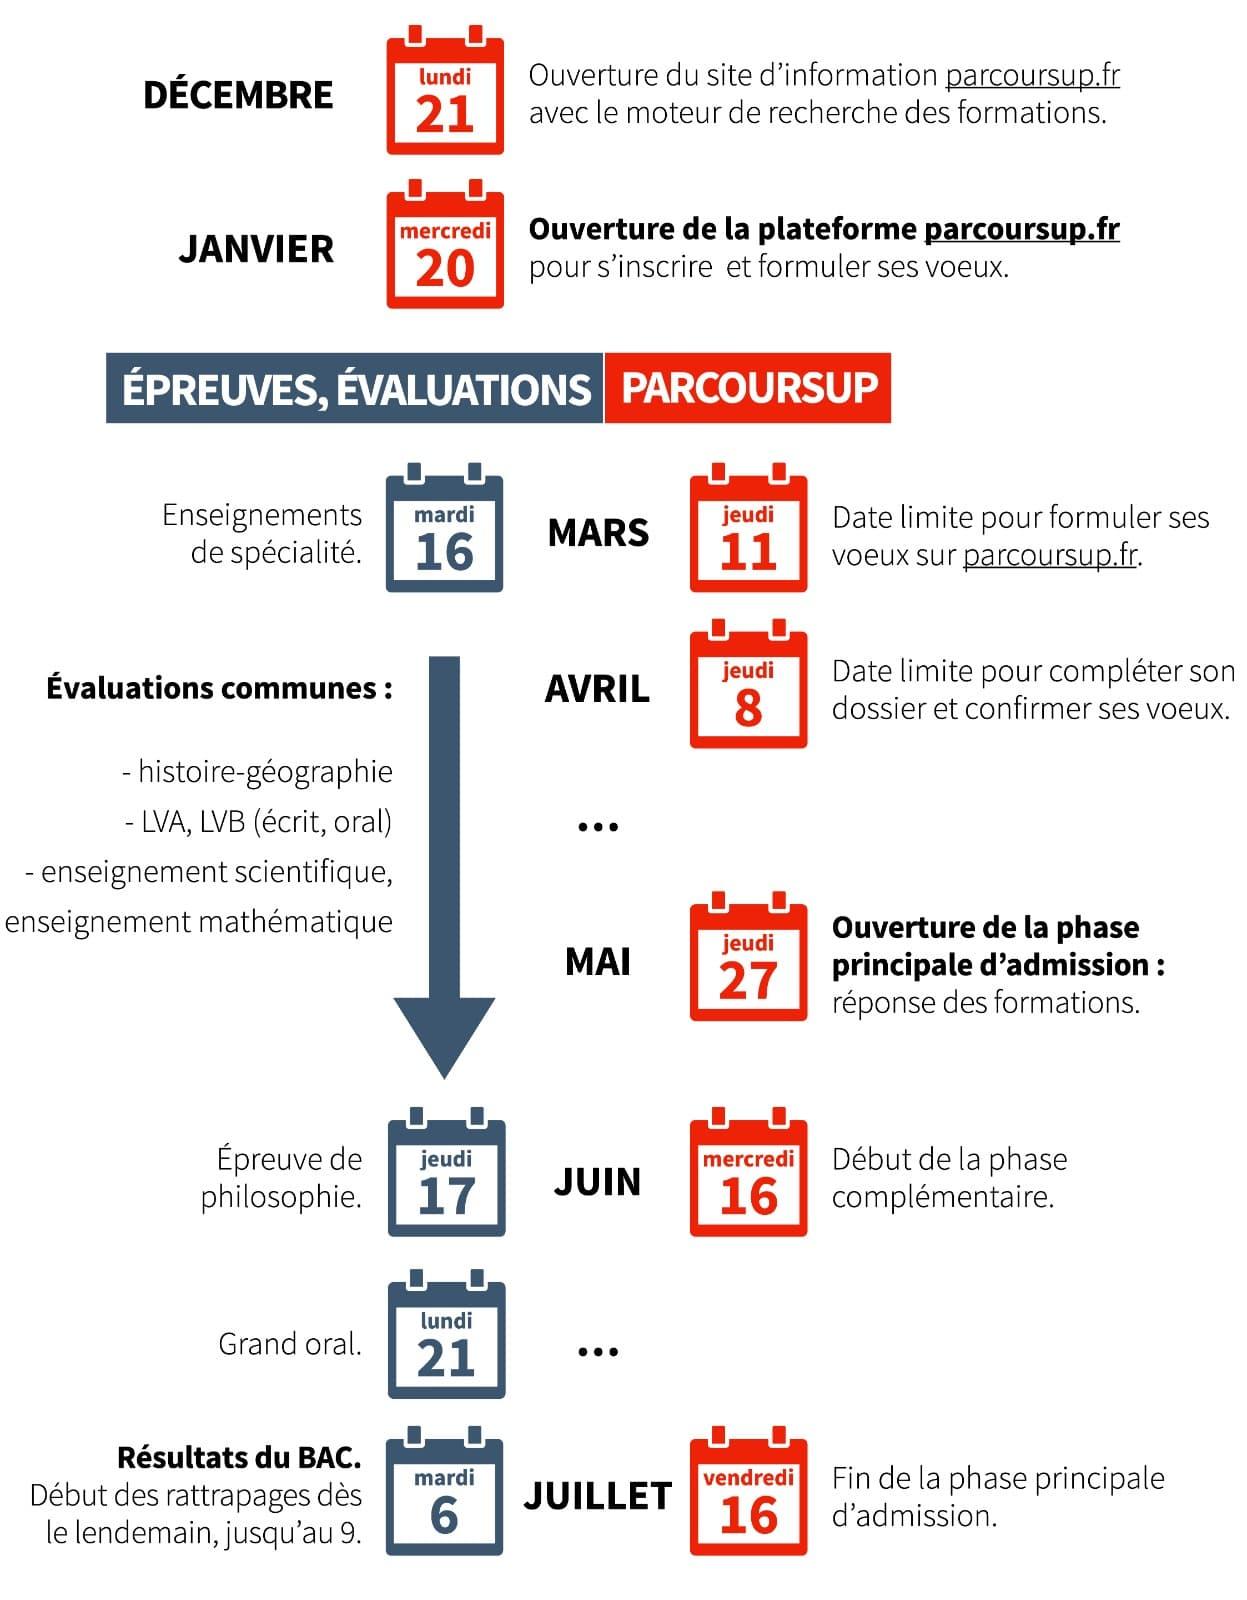 Bac 2021 Calendrier Bac, Parcoursup: voici le calendrier de l'année 2020 2021